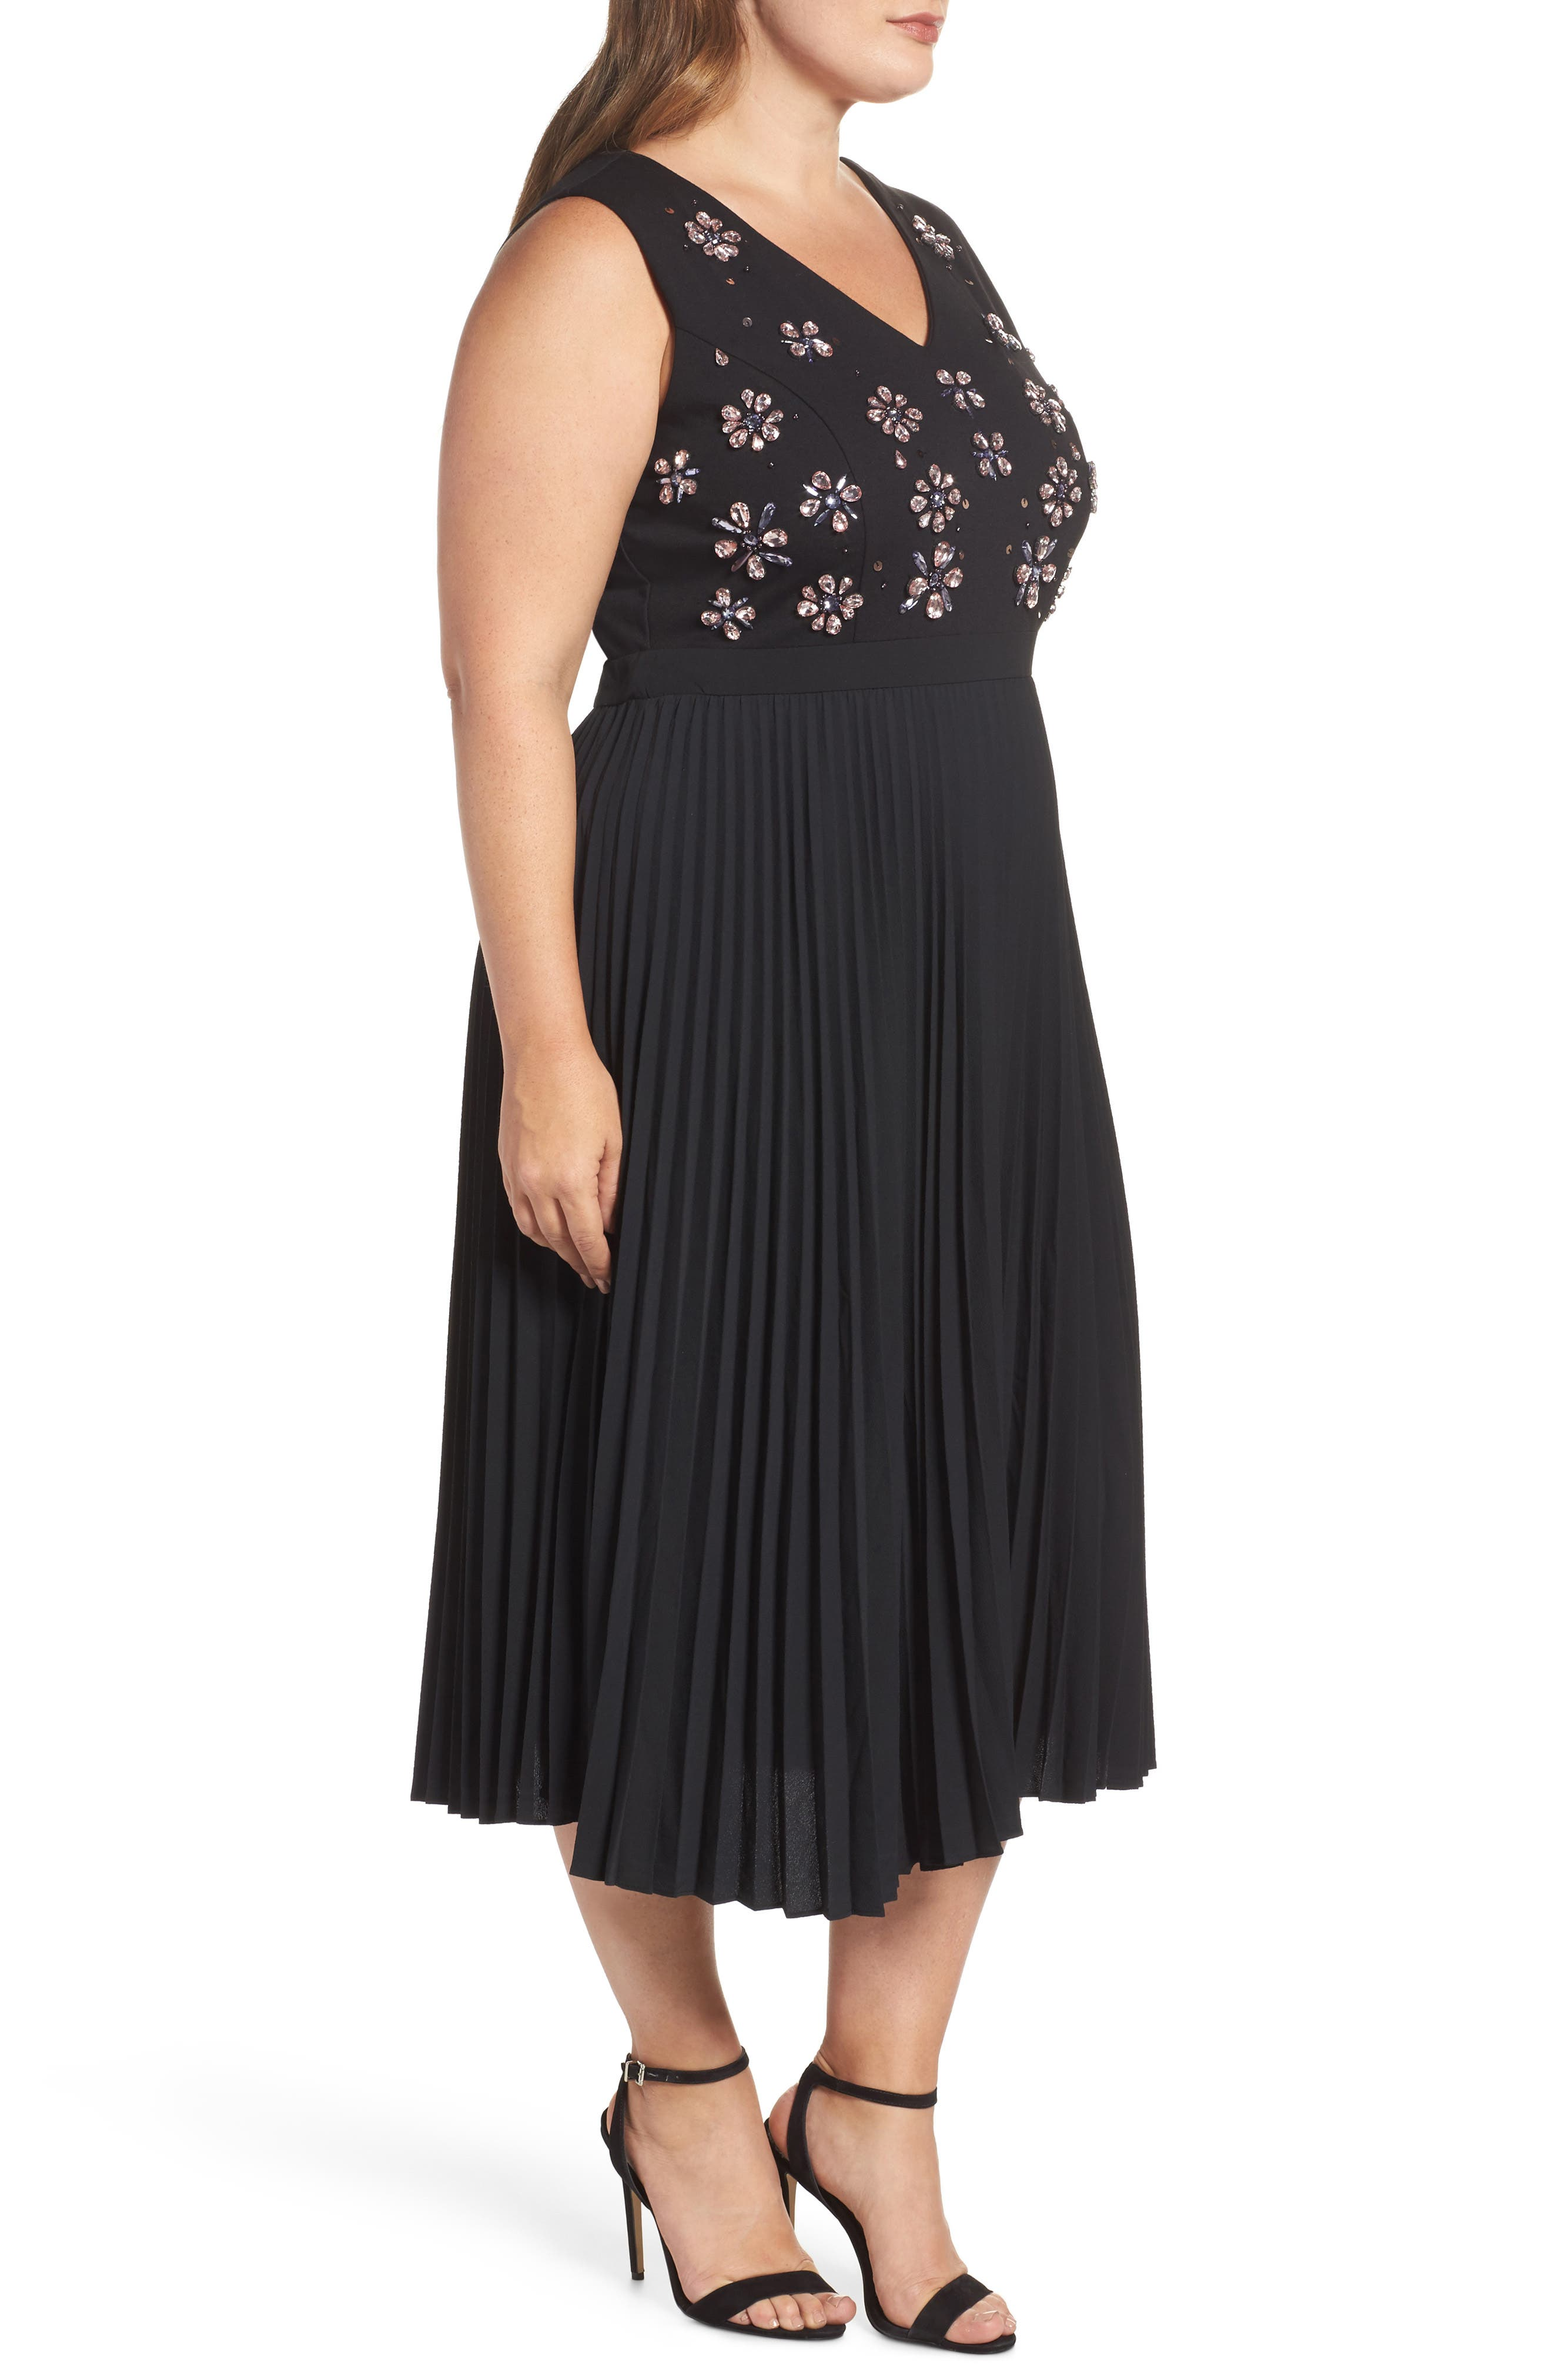 Crystal Flower Embellished Dress,                             Alternate thumbnail 4, color,                             Black